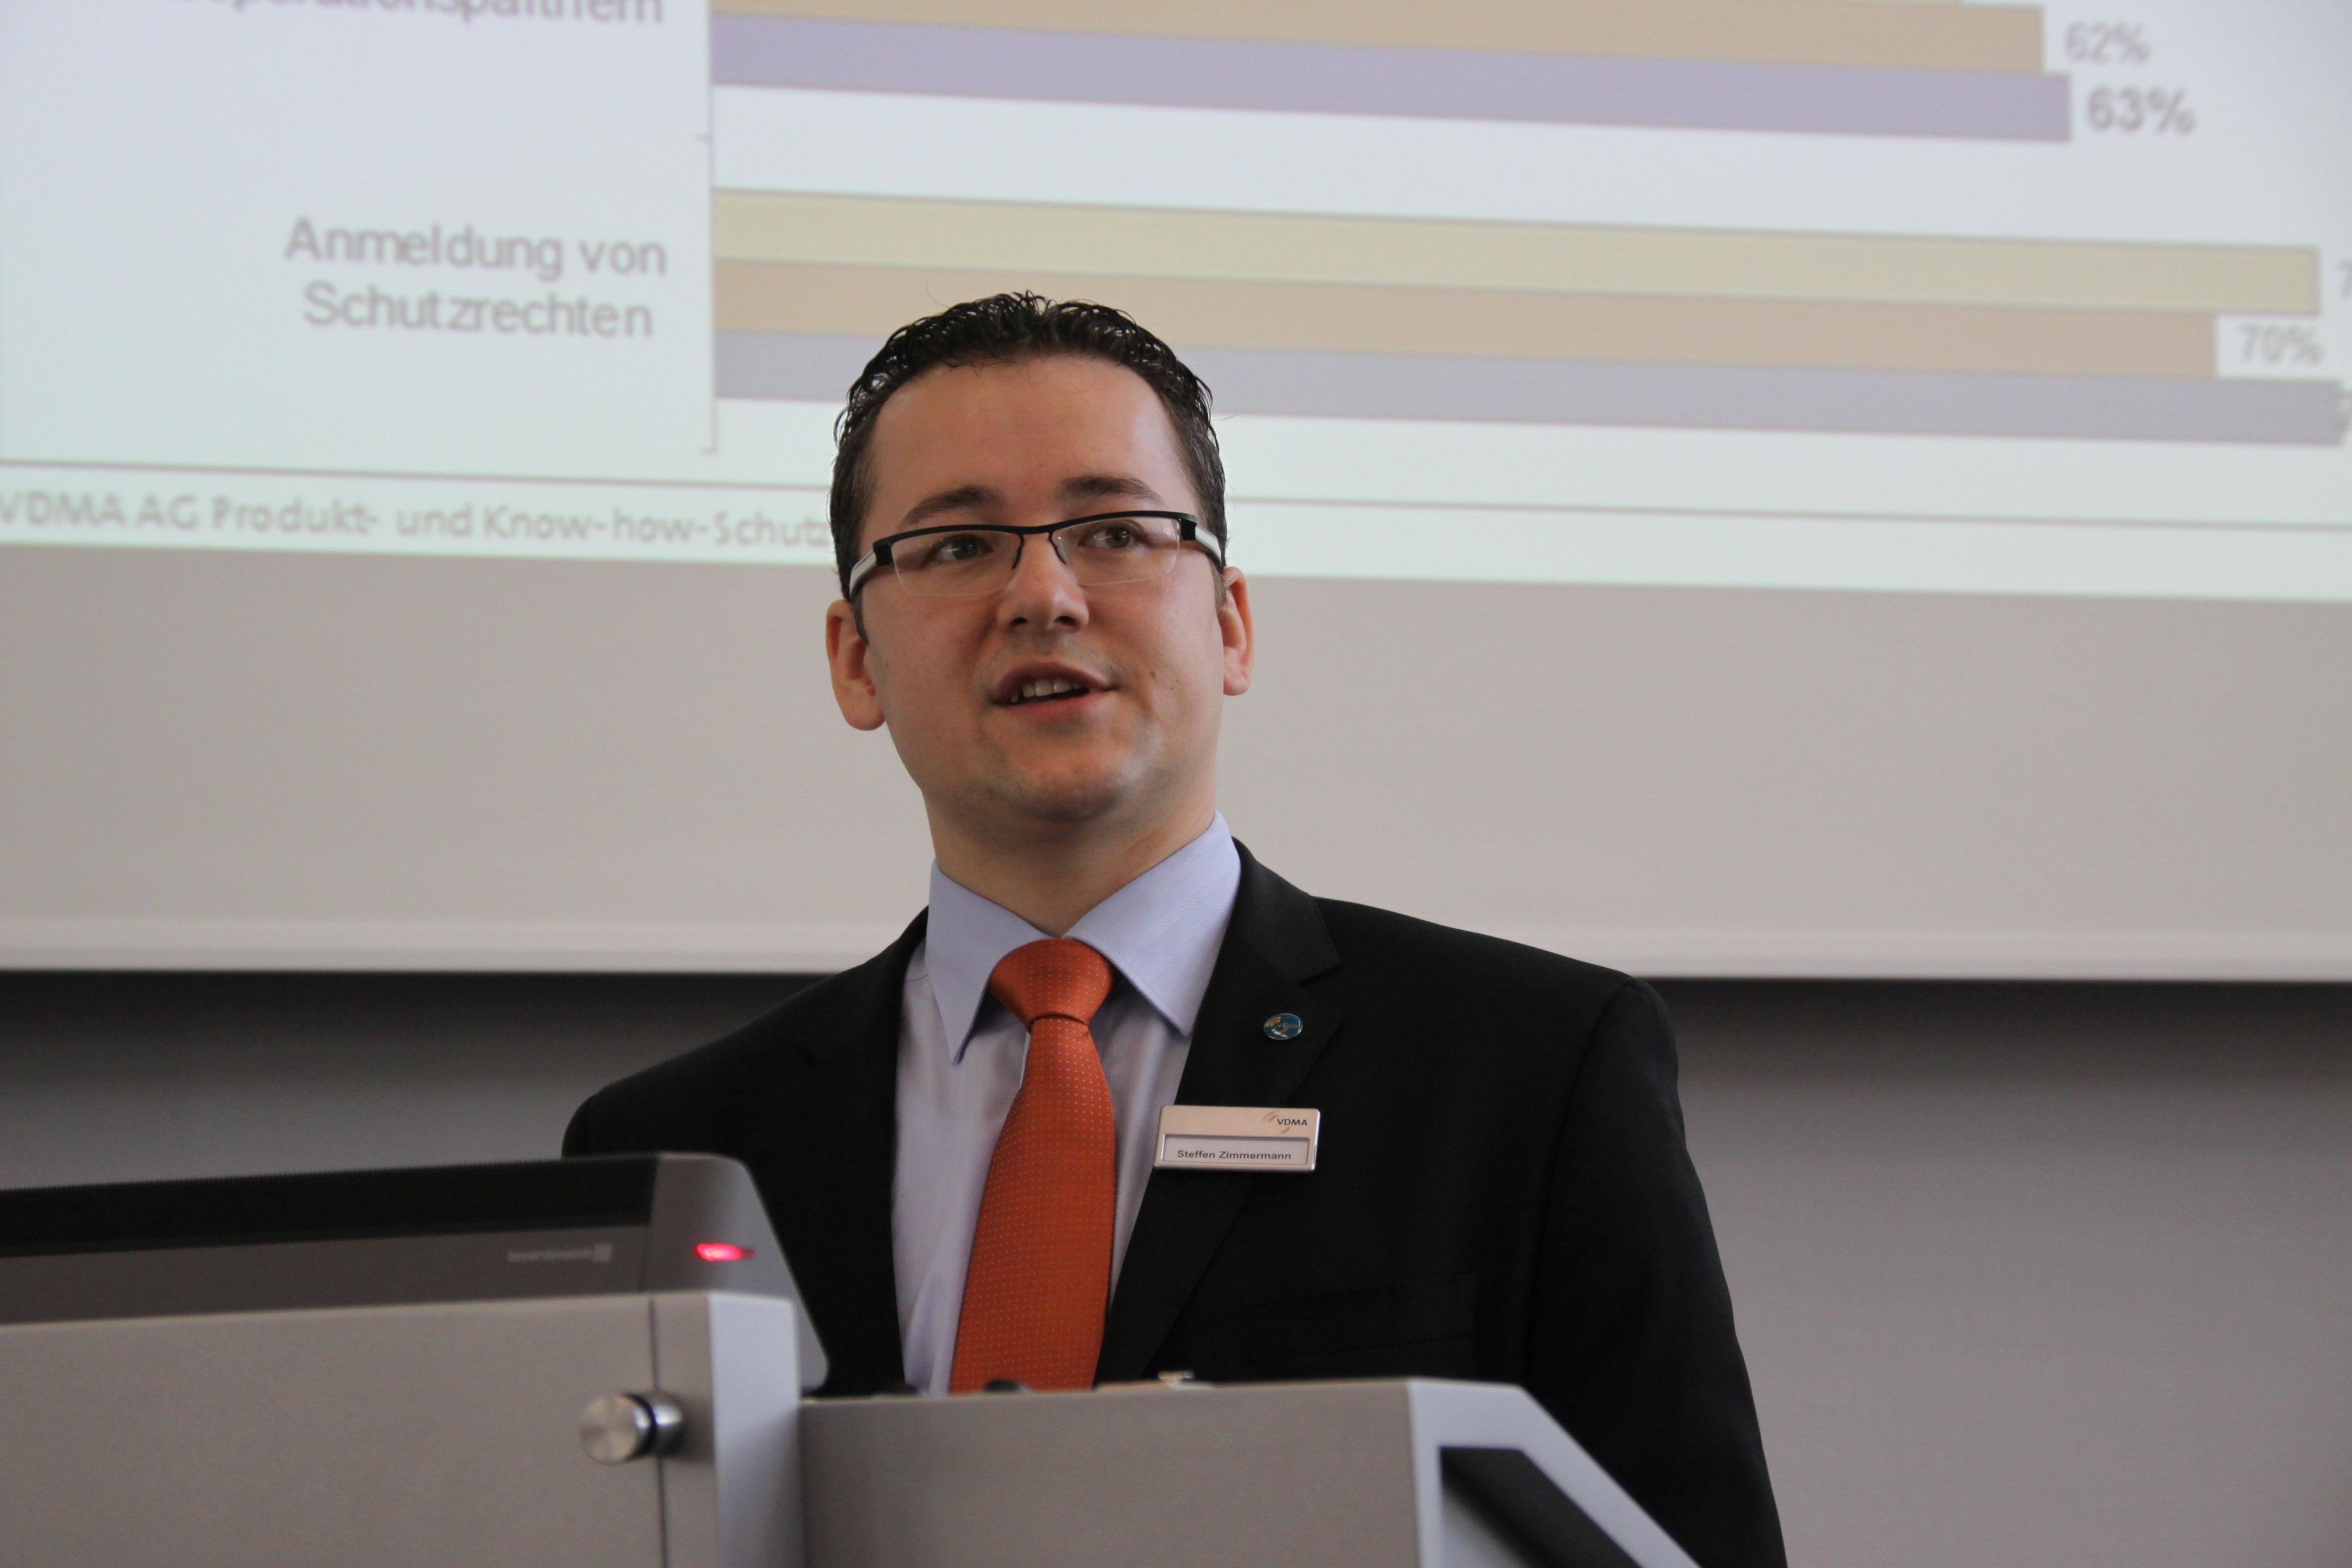 Steffen Zimmermann, Competence Center Industrial Security